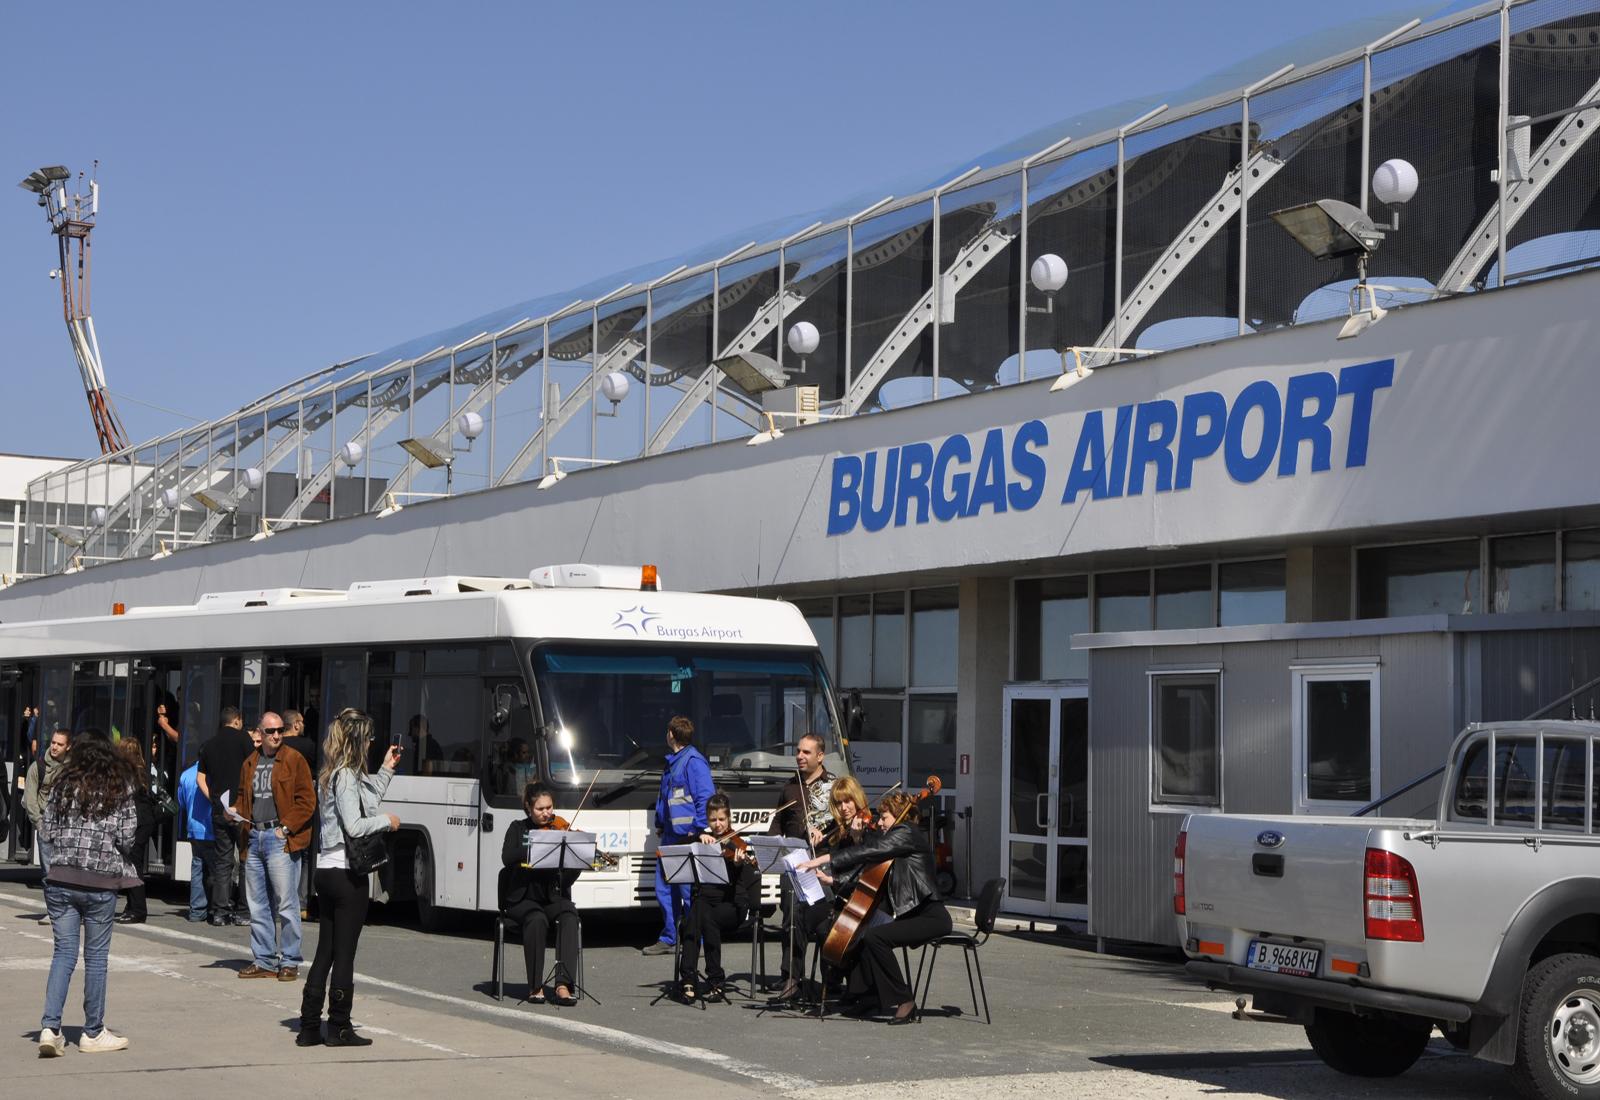 Burgas-airport-transfers